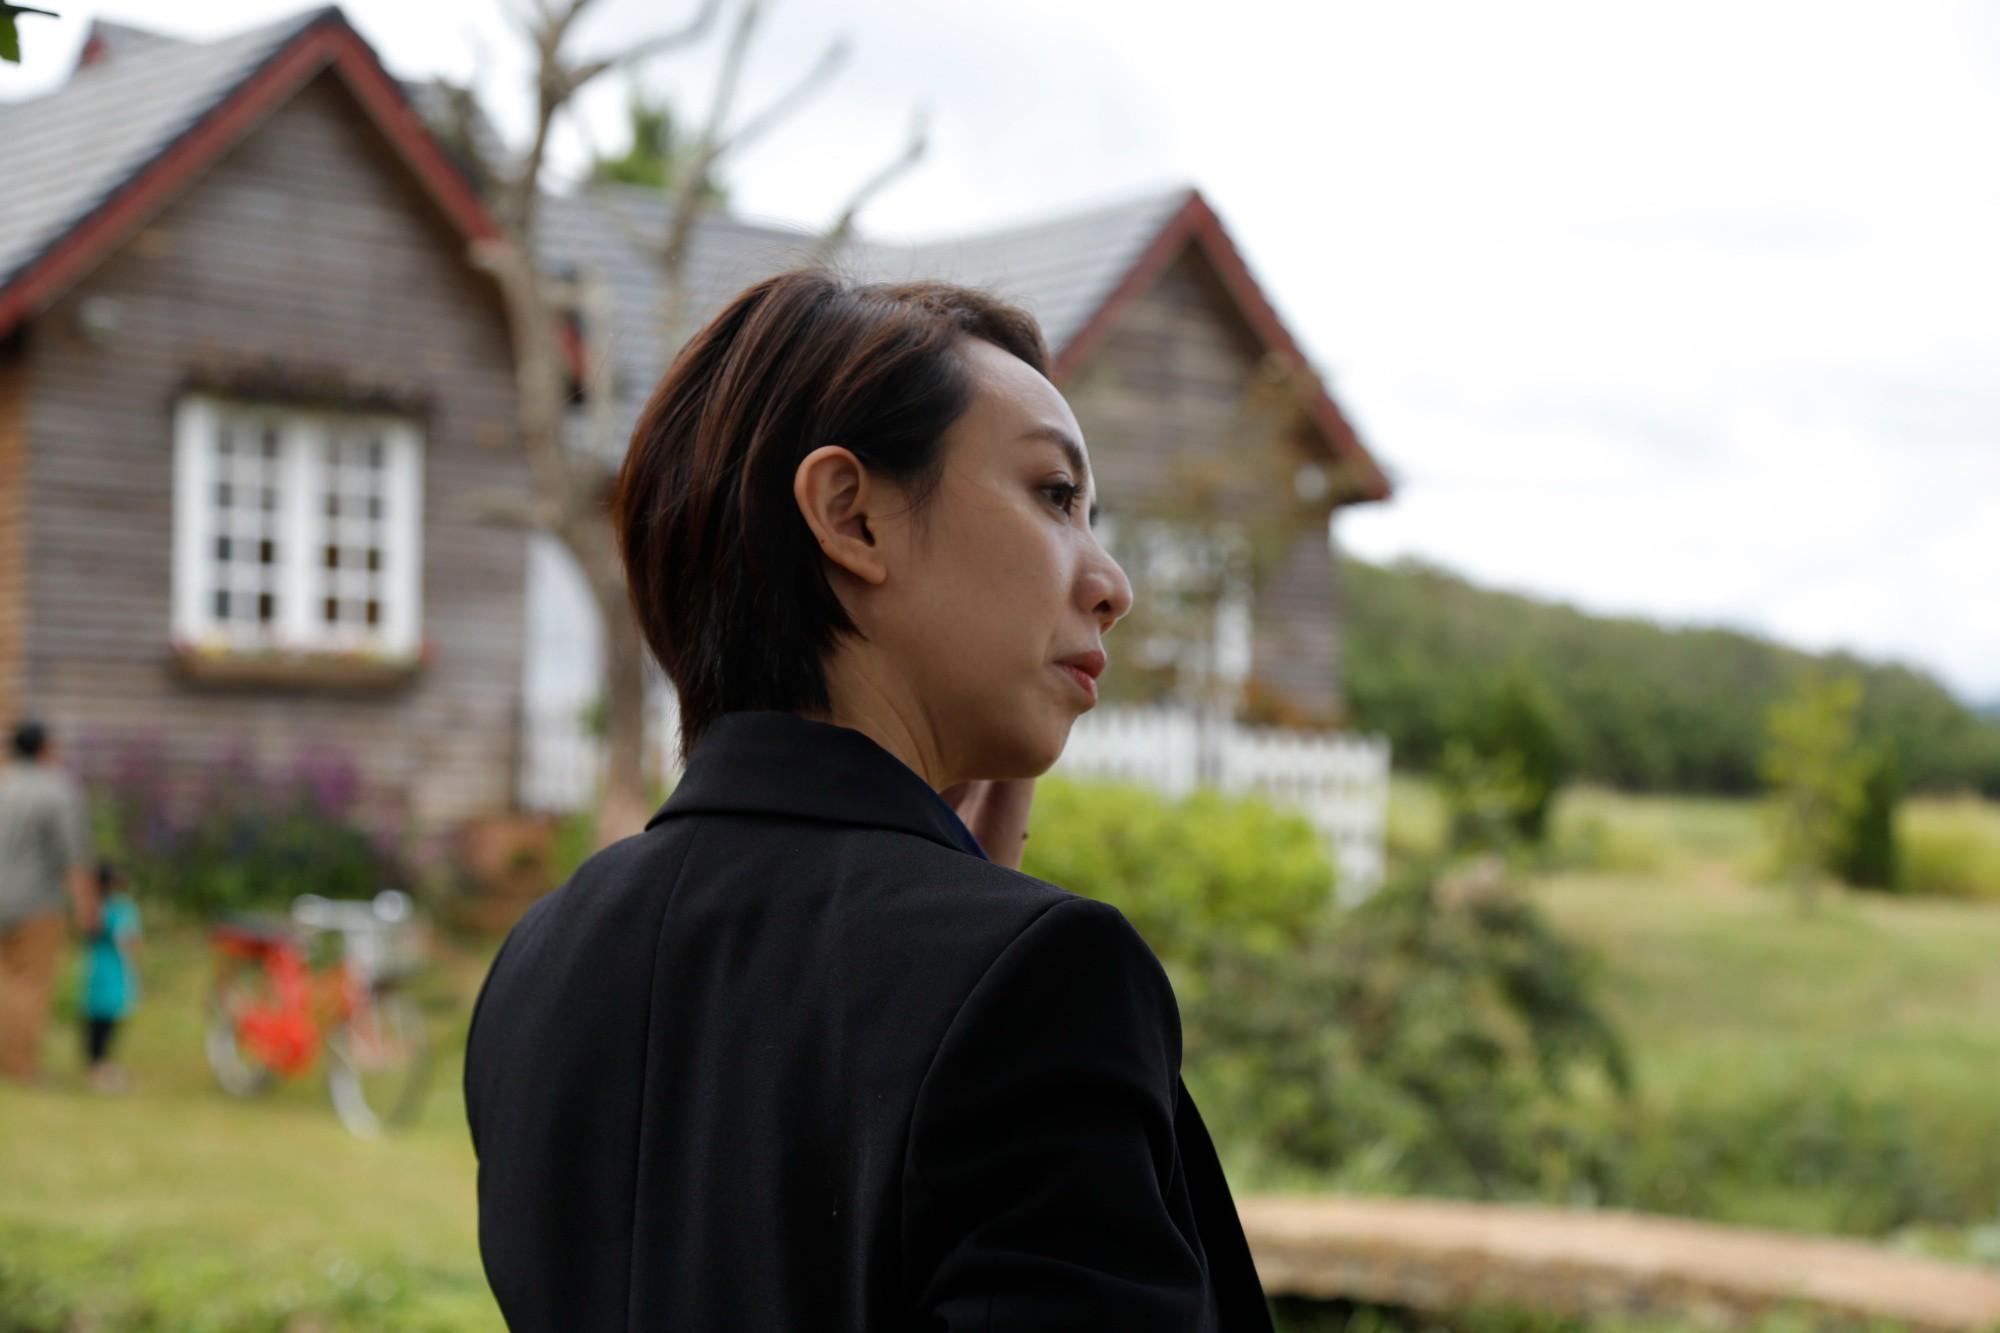 Quyết chơi lớn đầu tư 20 tỷ cho phim điện ảnh, Chị Mười Ba Thu Trang phải tuyên bố cai thuốc lá - Ảnh 4.